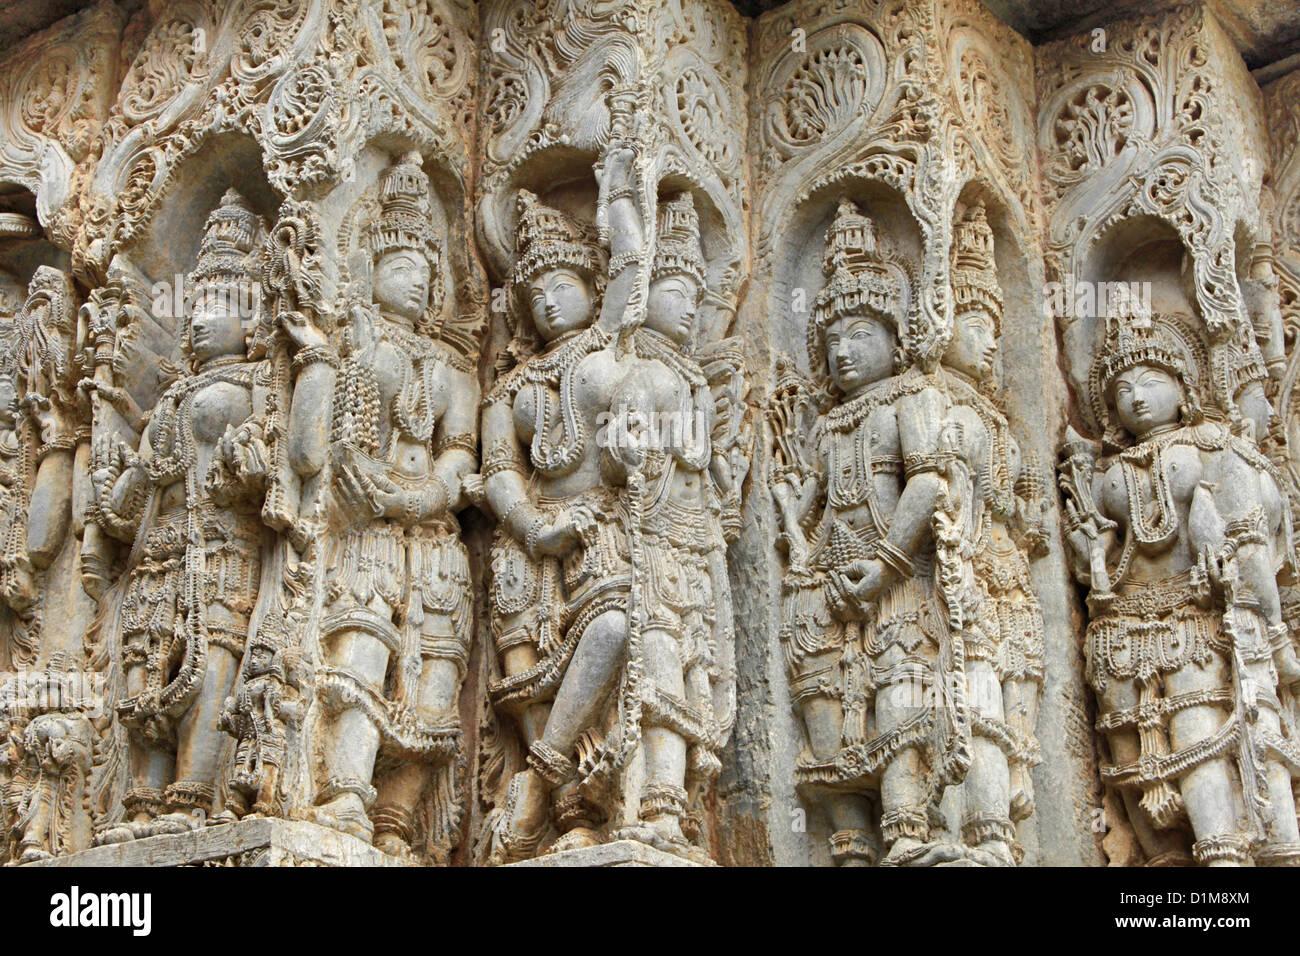 Dekorierte Wände Hoysaleswara Tempel, Dorasamudra, Hassan District, Karnataka, Indien. Stockfoto